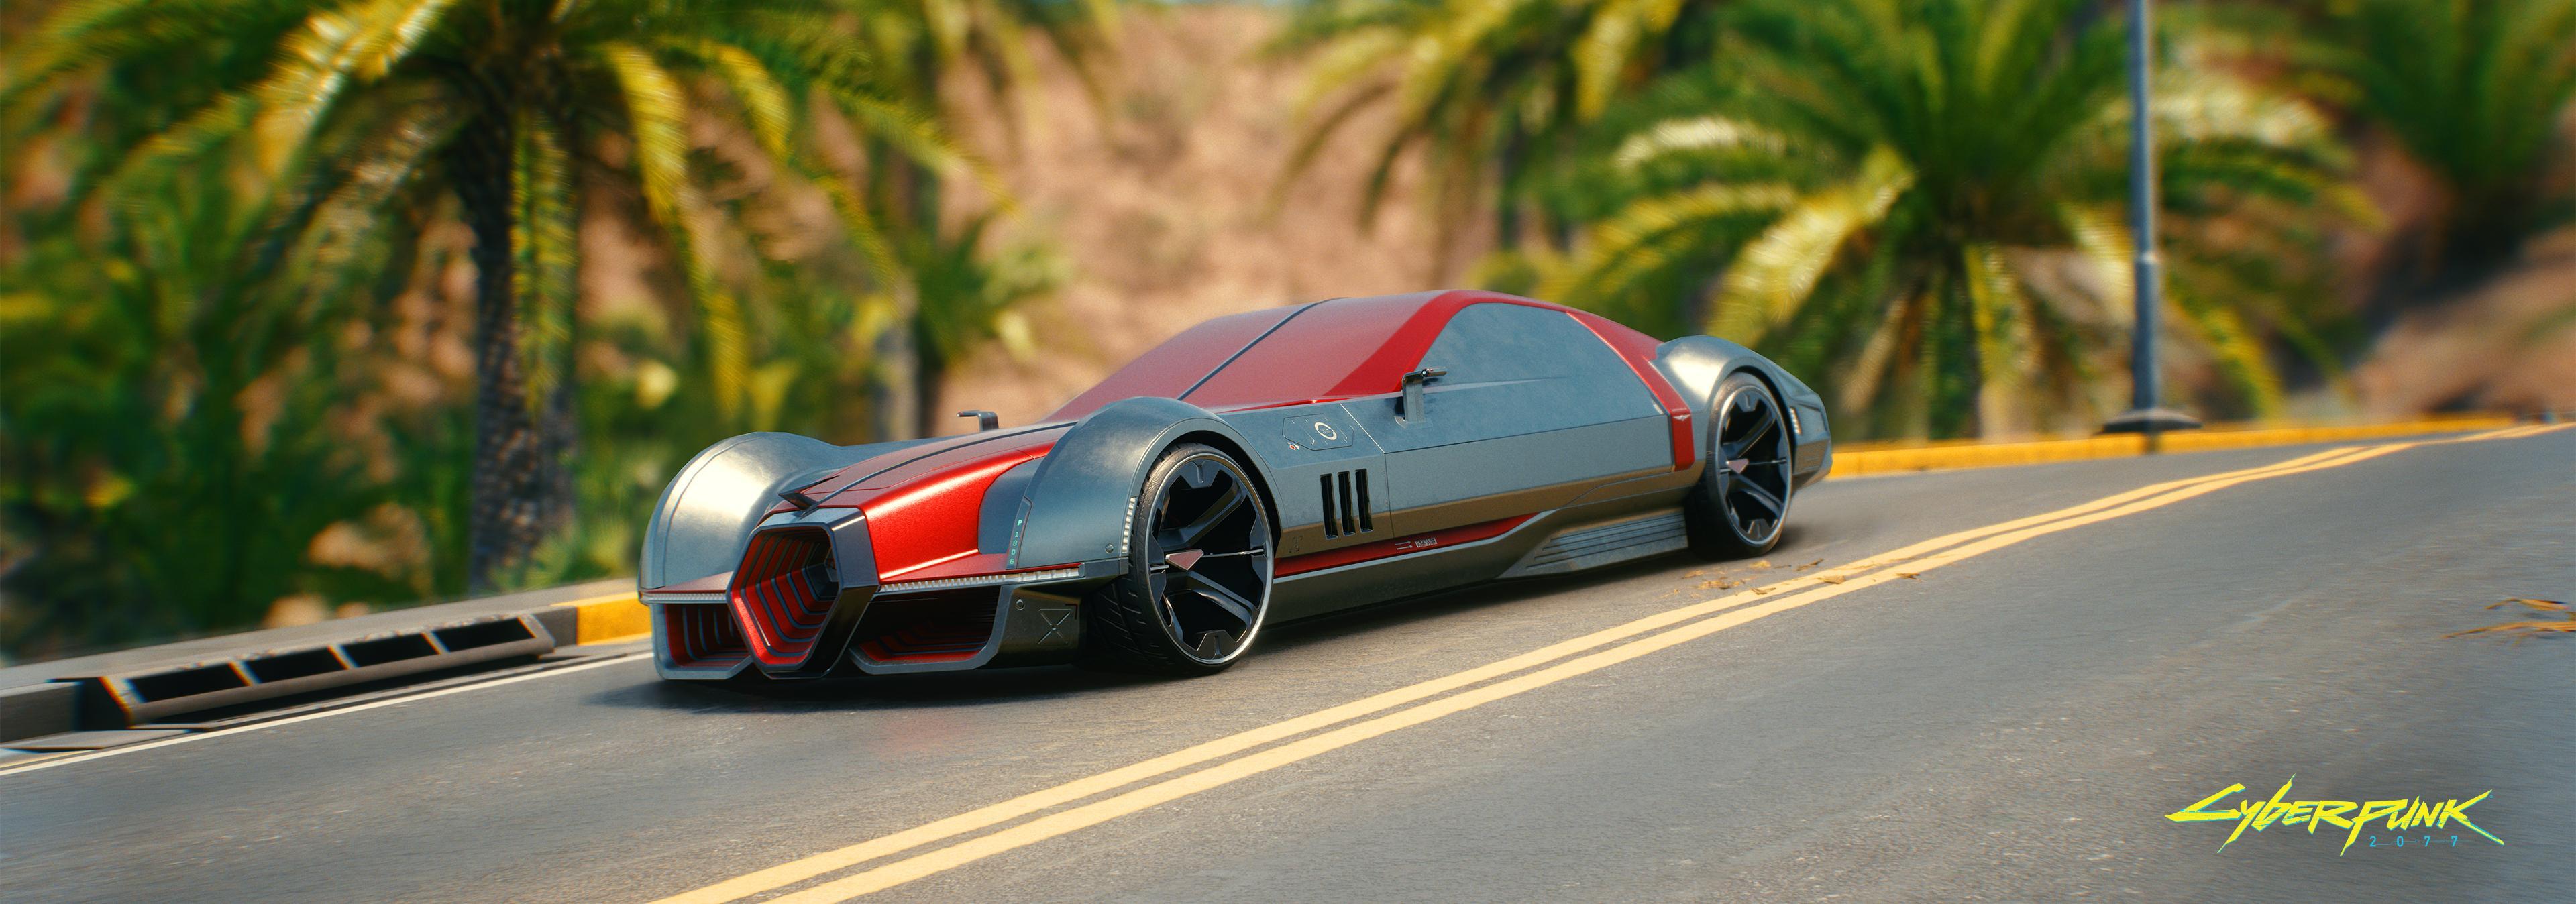 40 скриншотов автомобилей и мотоциклов Cyberpunk 2077